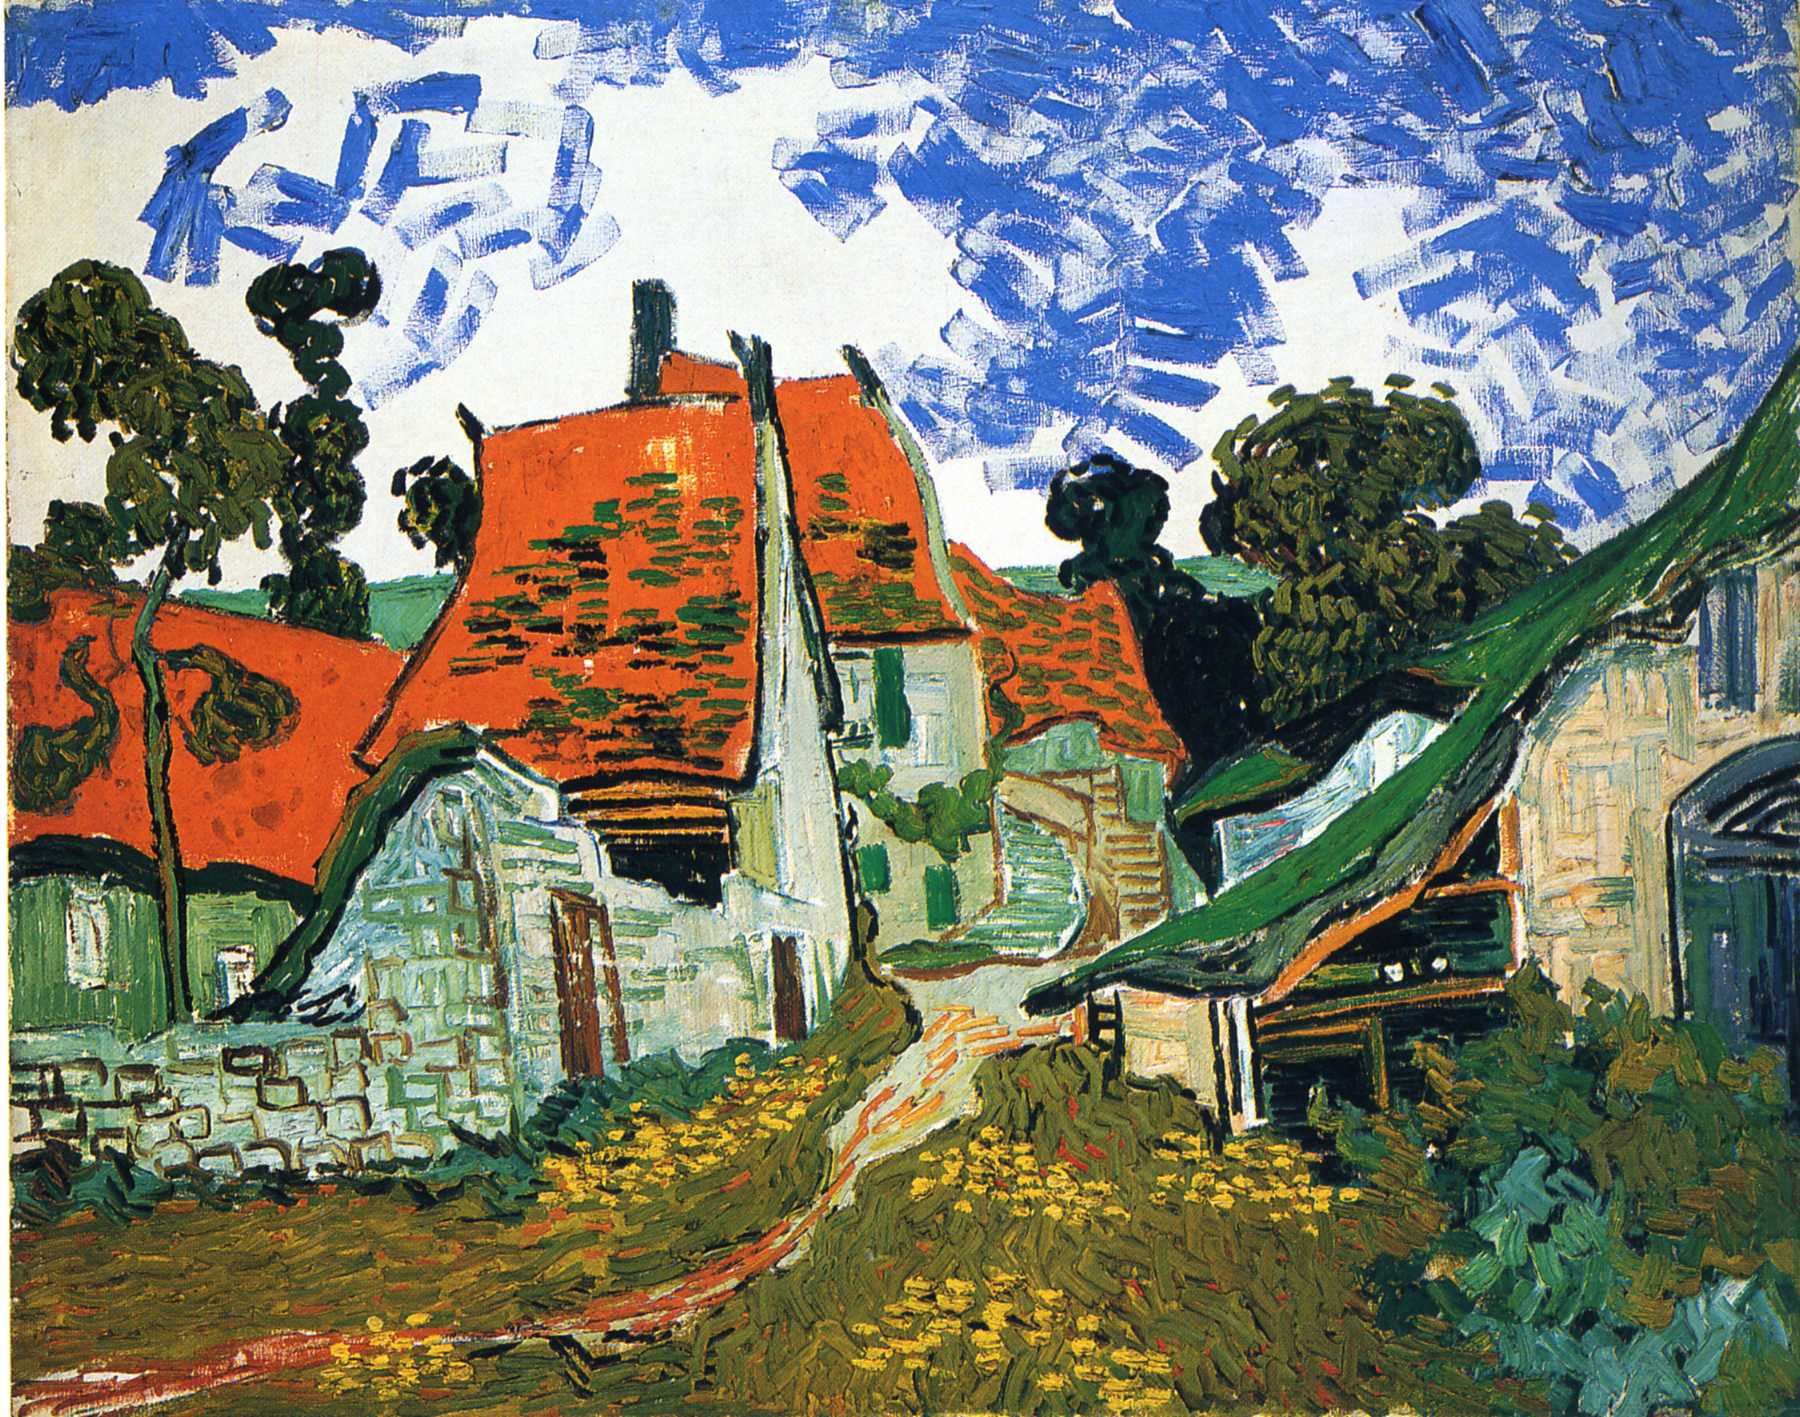 Vincent van Gogh - Page 6 Street-in-auvers-sur-oise-1890